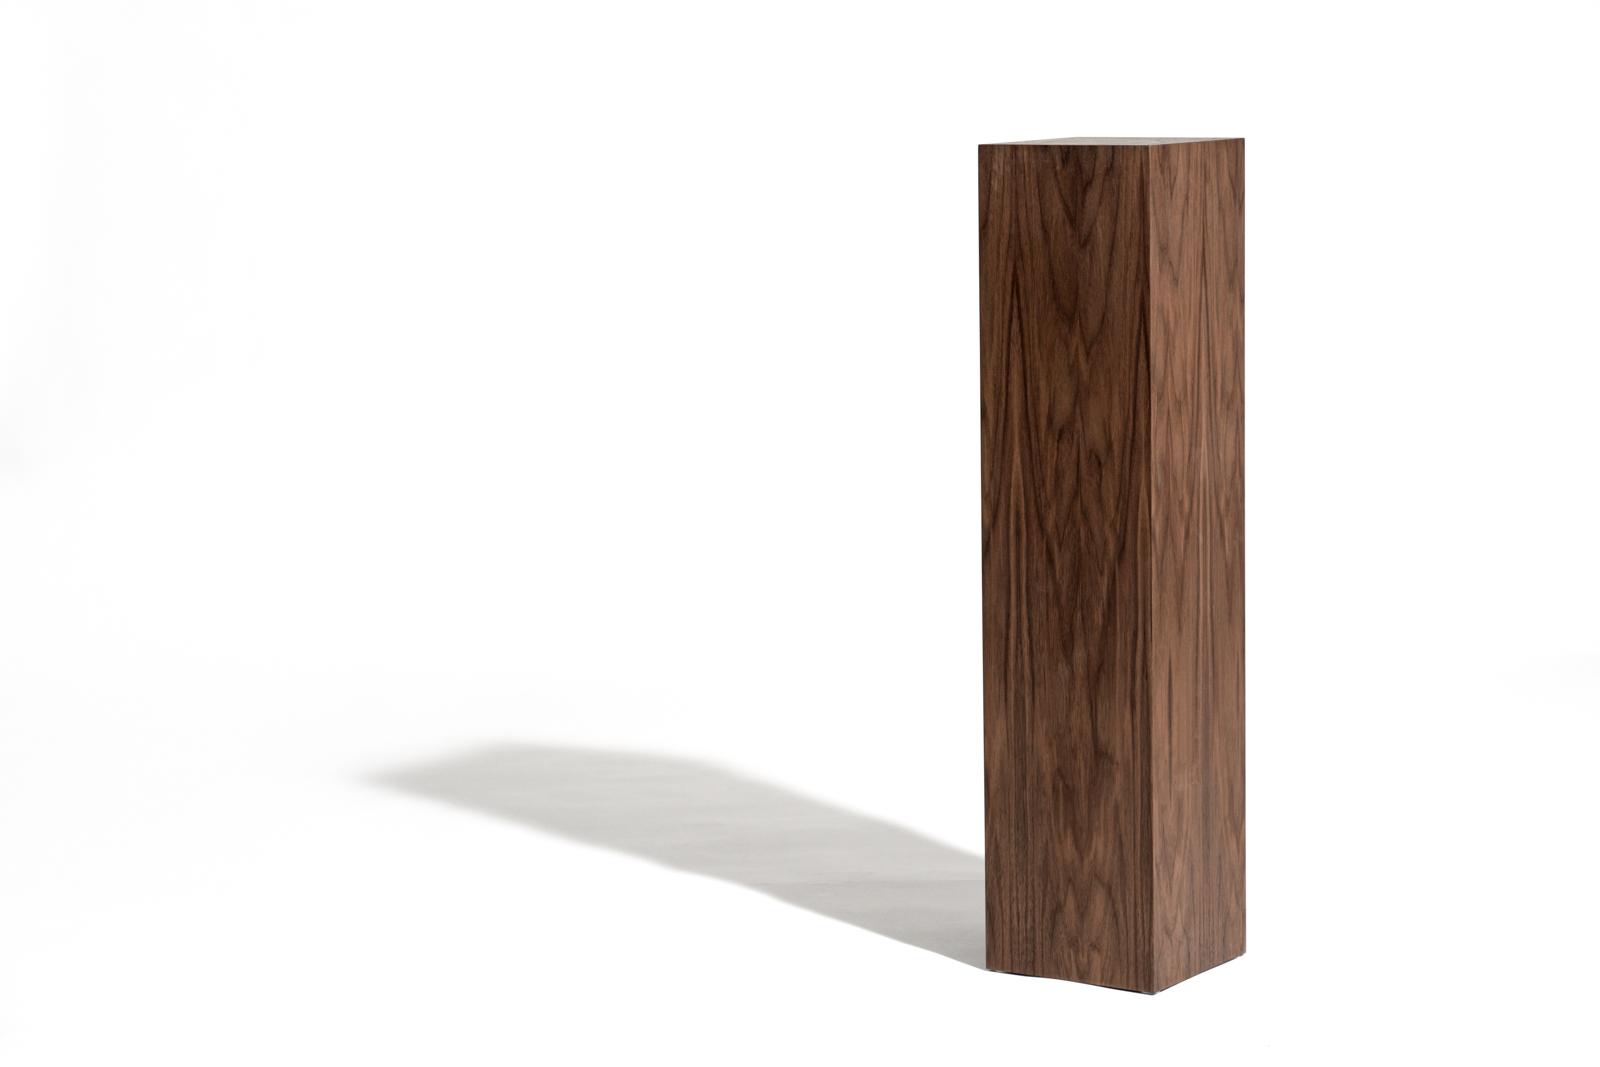 piedestal i valn t fr n lineaire kompromissl s design. Black Bedroom Furniture Sets. Home Design Ideas